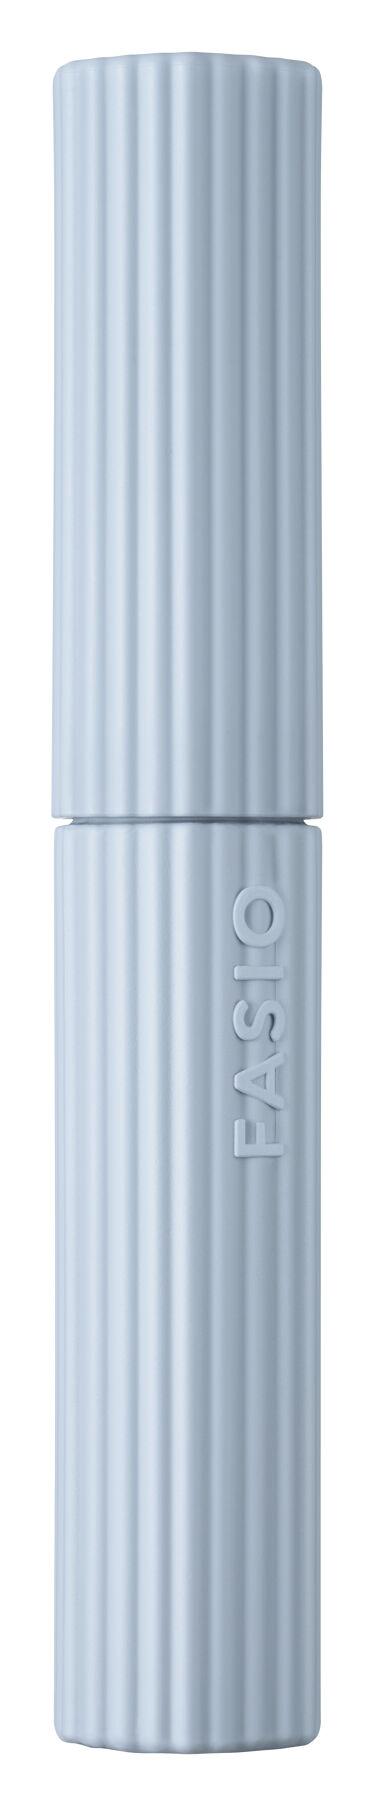 2021/11/16発売 FASIO パーマネントカール マスカラ ハイブリッド(ロング)